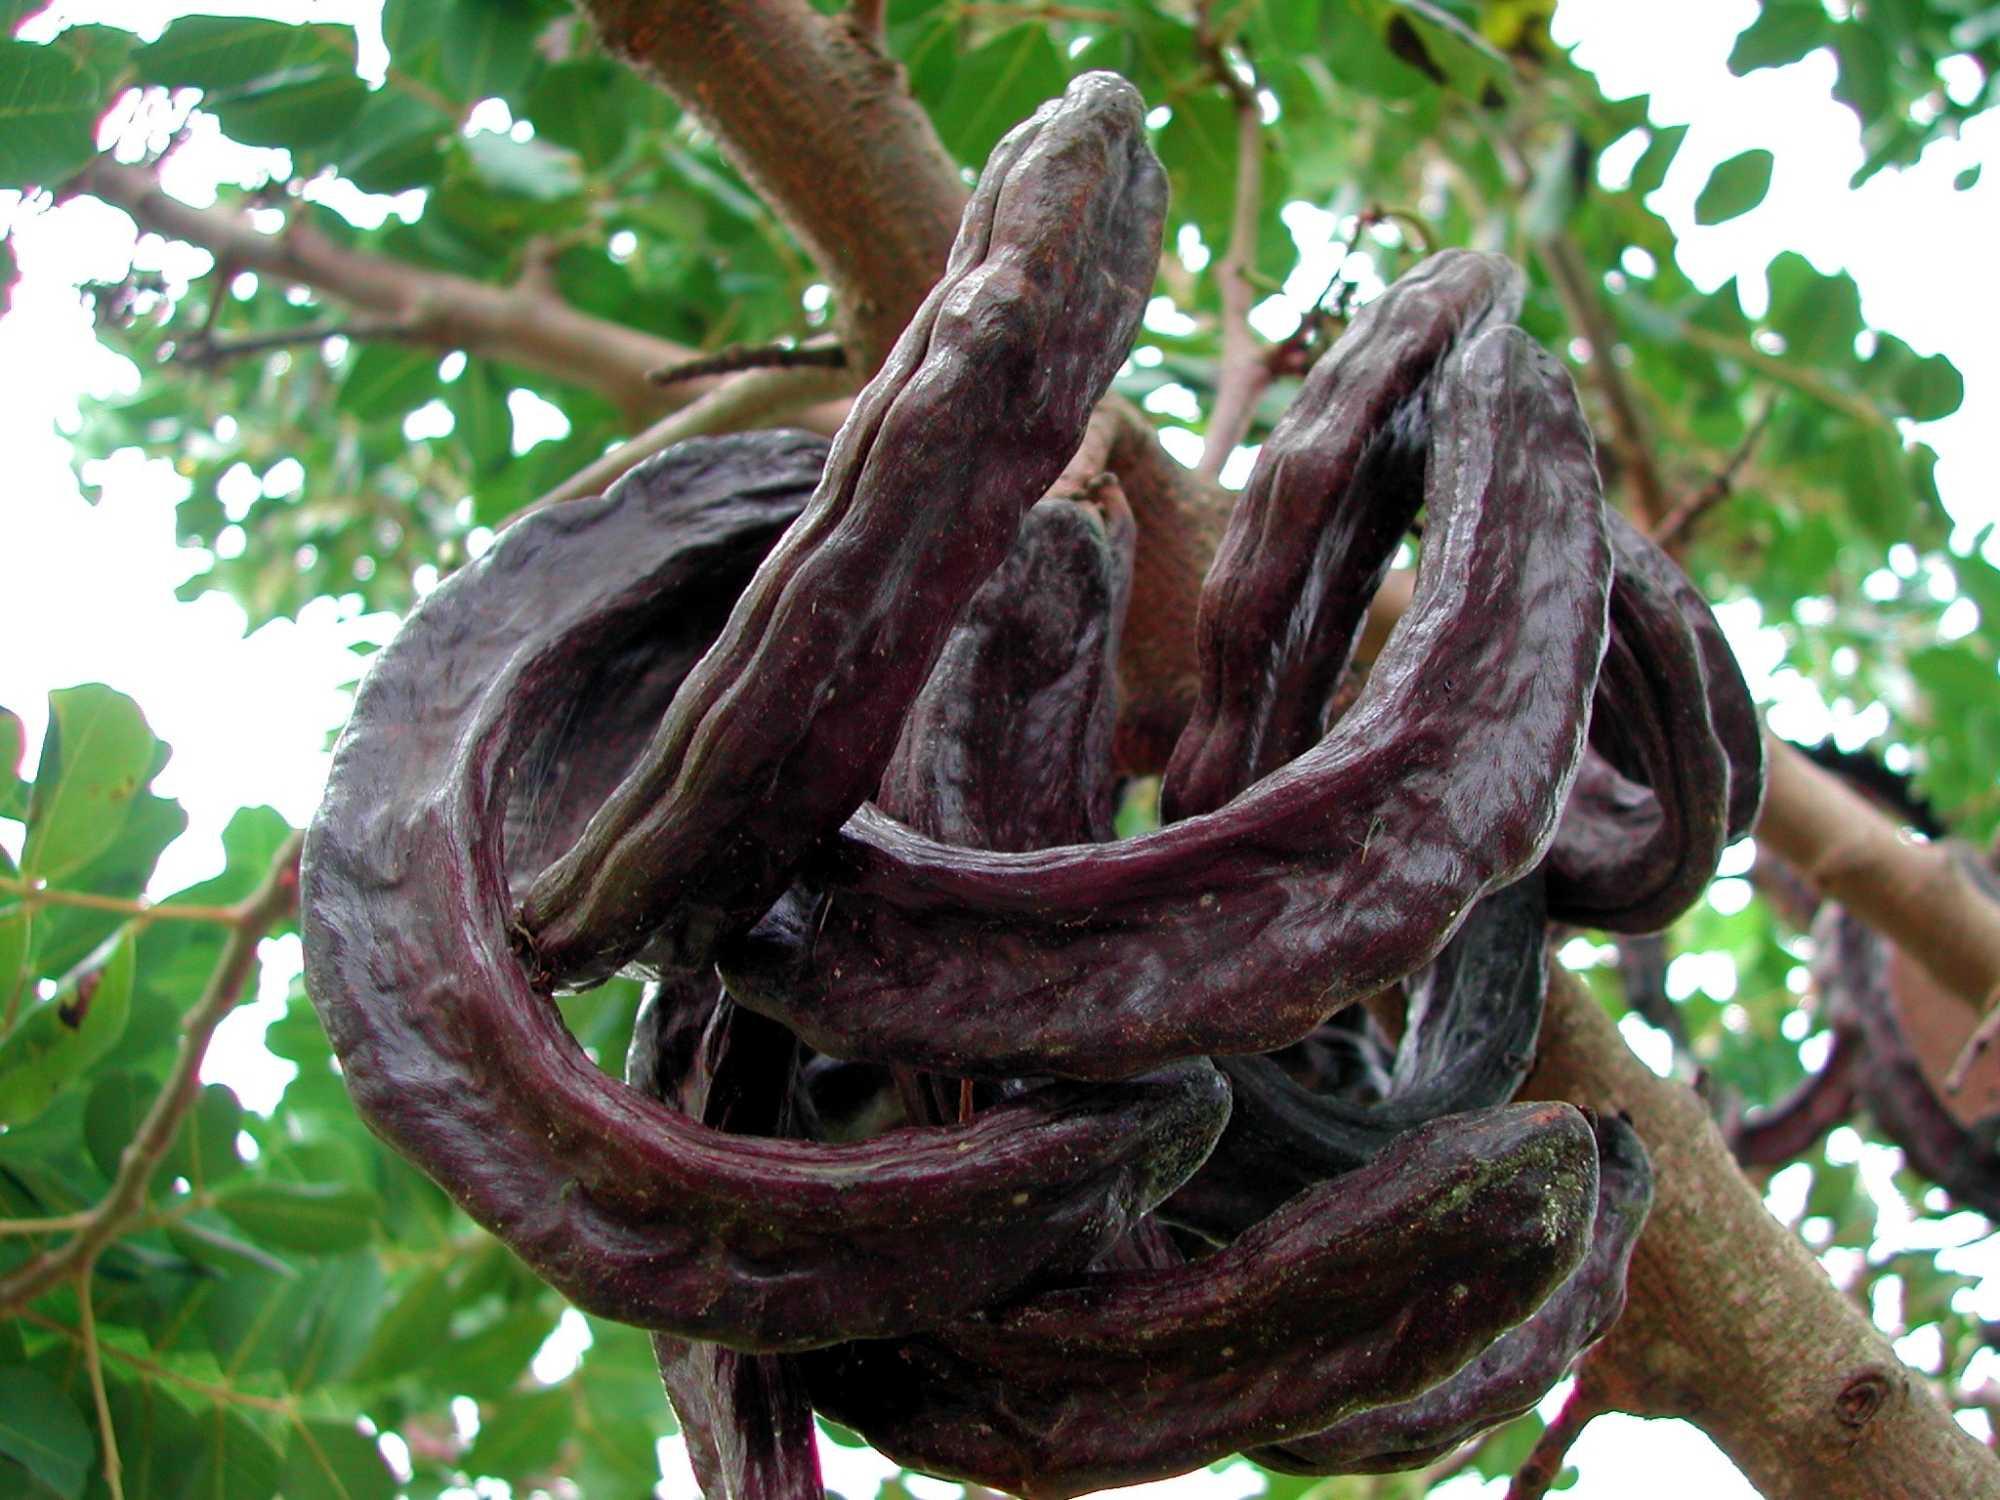 Nein, keine Goldstücke, sondern die Hülsenfrüchte des Johannisbrotbaums